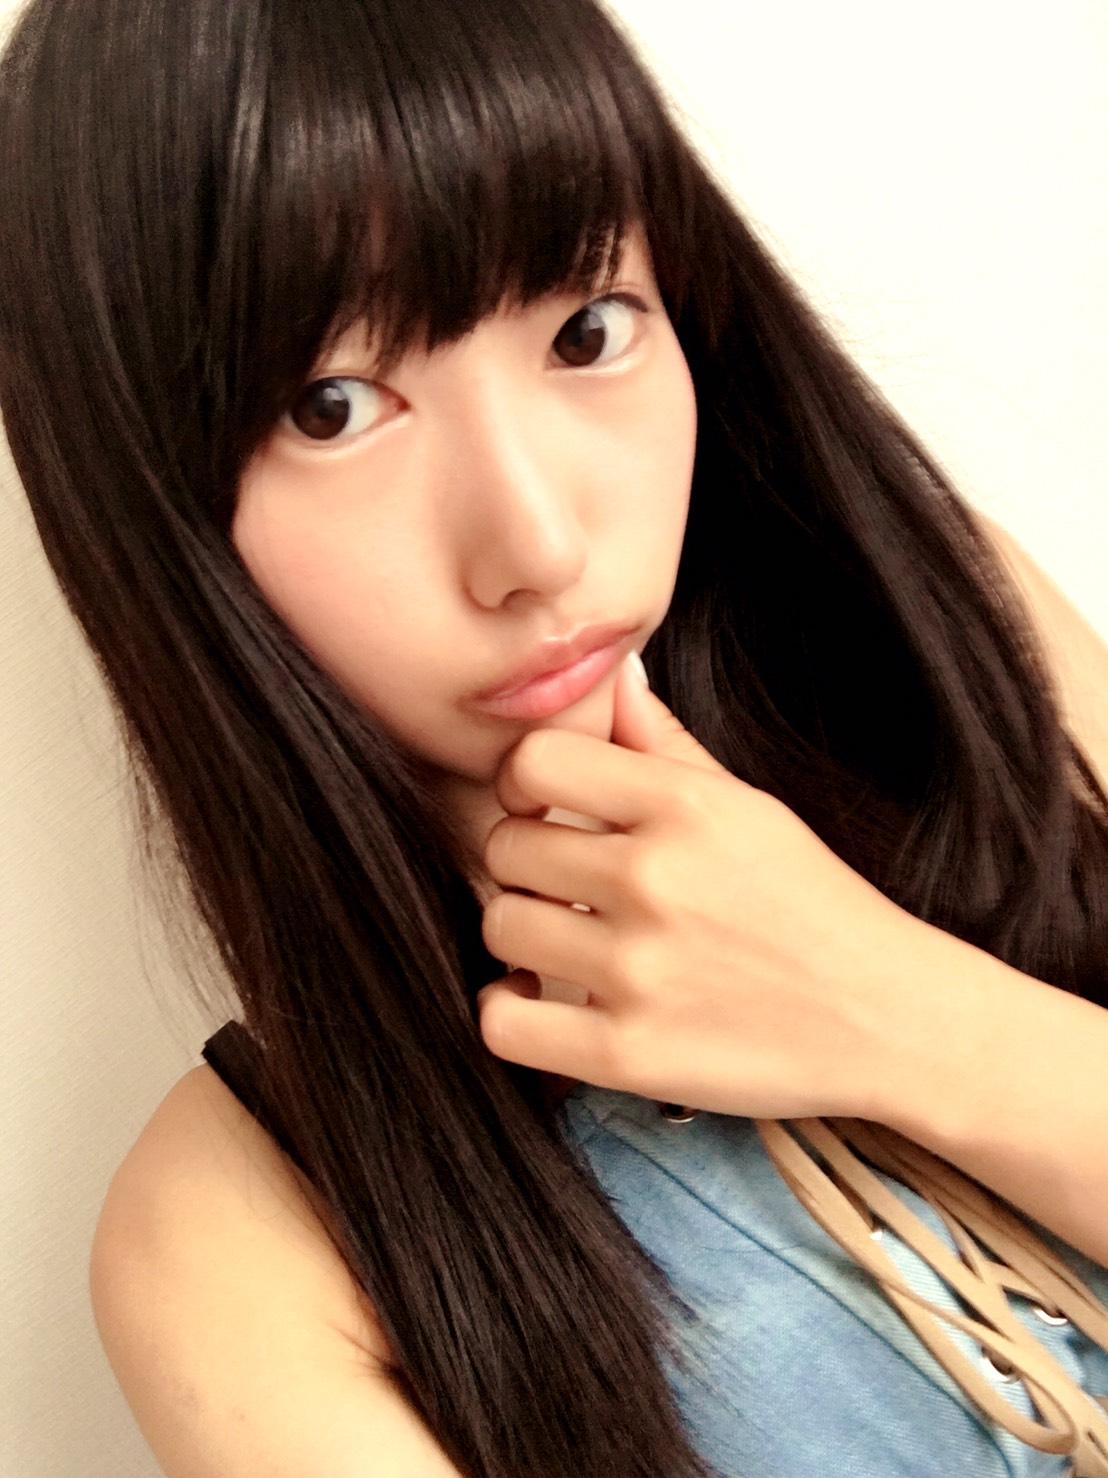 夏野香波 10月14日(土)『渋谷原宿女子会議』#5